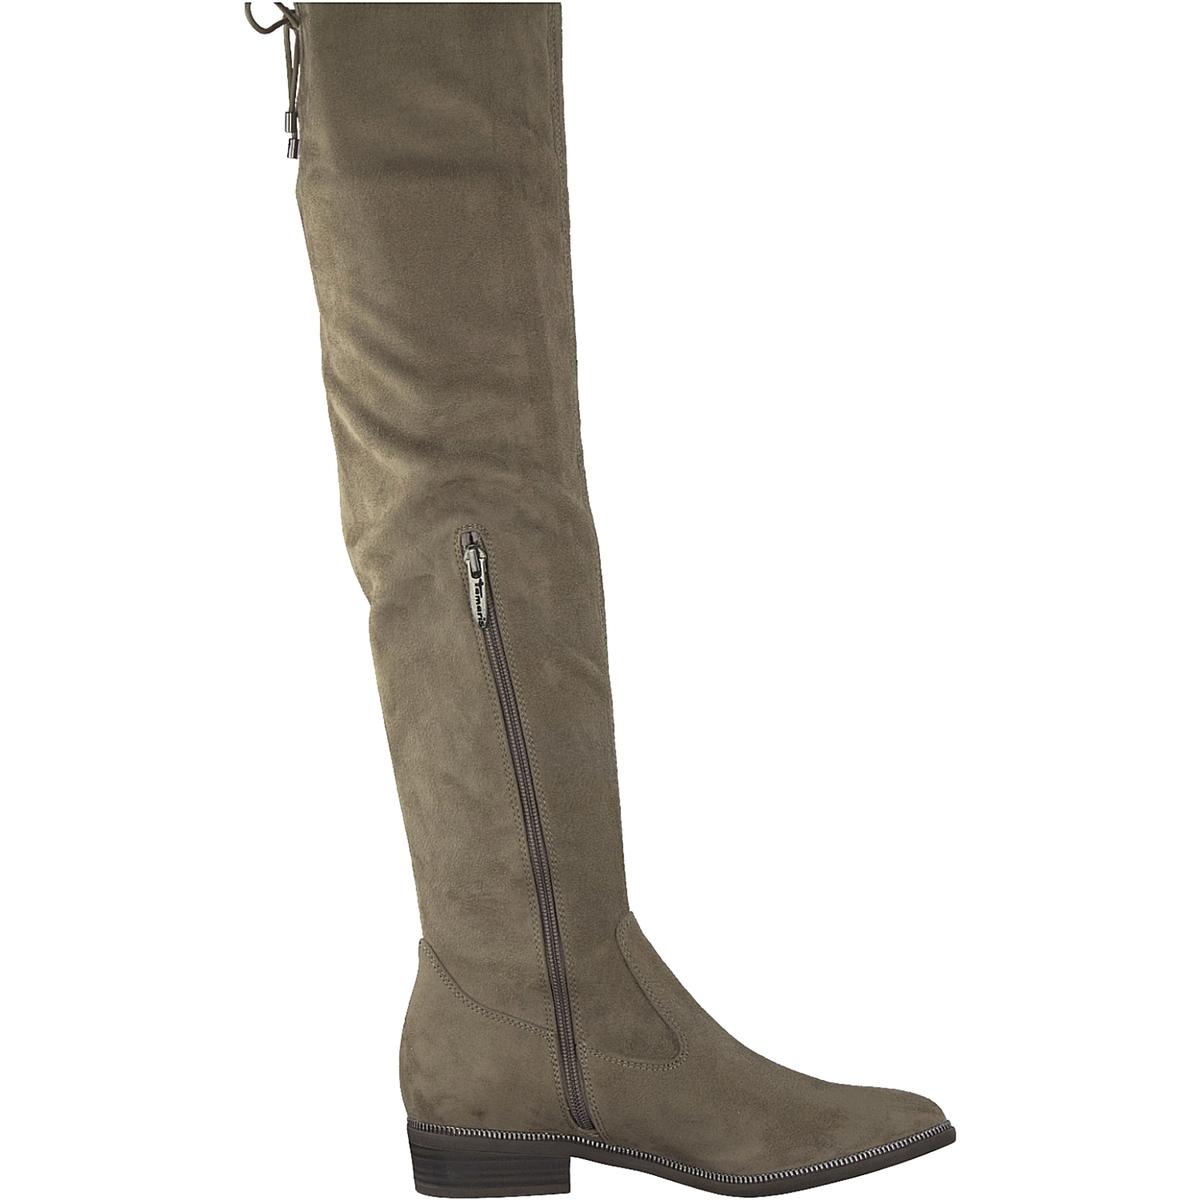 Сапоги-ботфорты PhanieДетали •  Ботфорты •  Широкий каблук •  Круглый мысок •  Застежка : на молнию •  Высота голенища : 53 см для размера 37 •  Высота каблука : 2,5 смСостав и уход •  Верх 100% текстиль •  Подкладка 50% синтетического материала, 50% текстиля •  Стелька 100% текстиль<br><br>Цвет: серо-коричневый,черный<br>Размер: 36.39.42.38